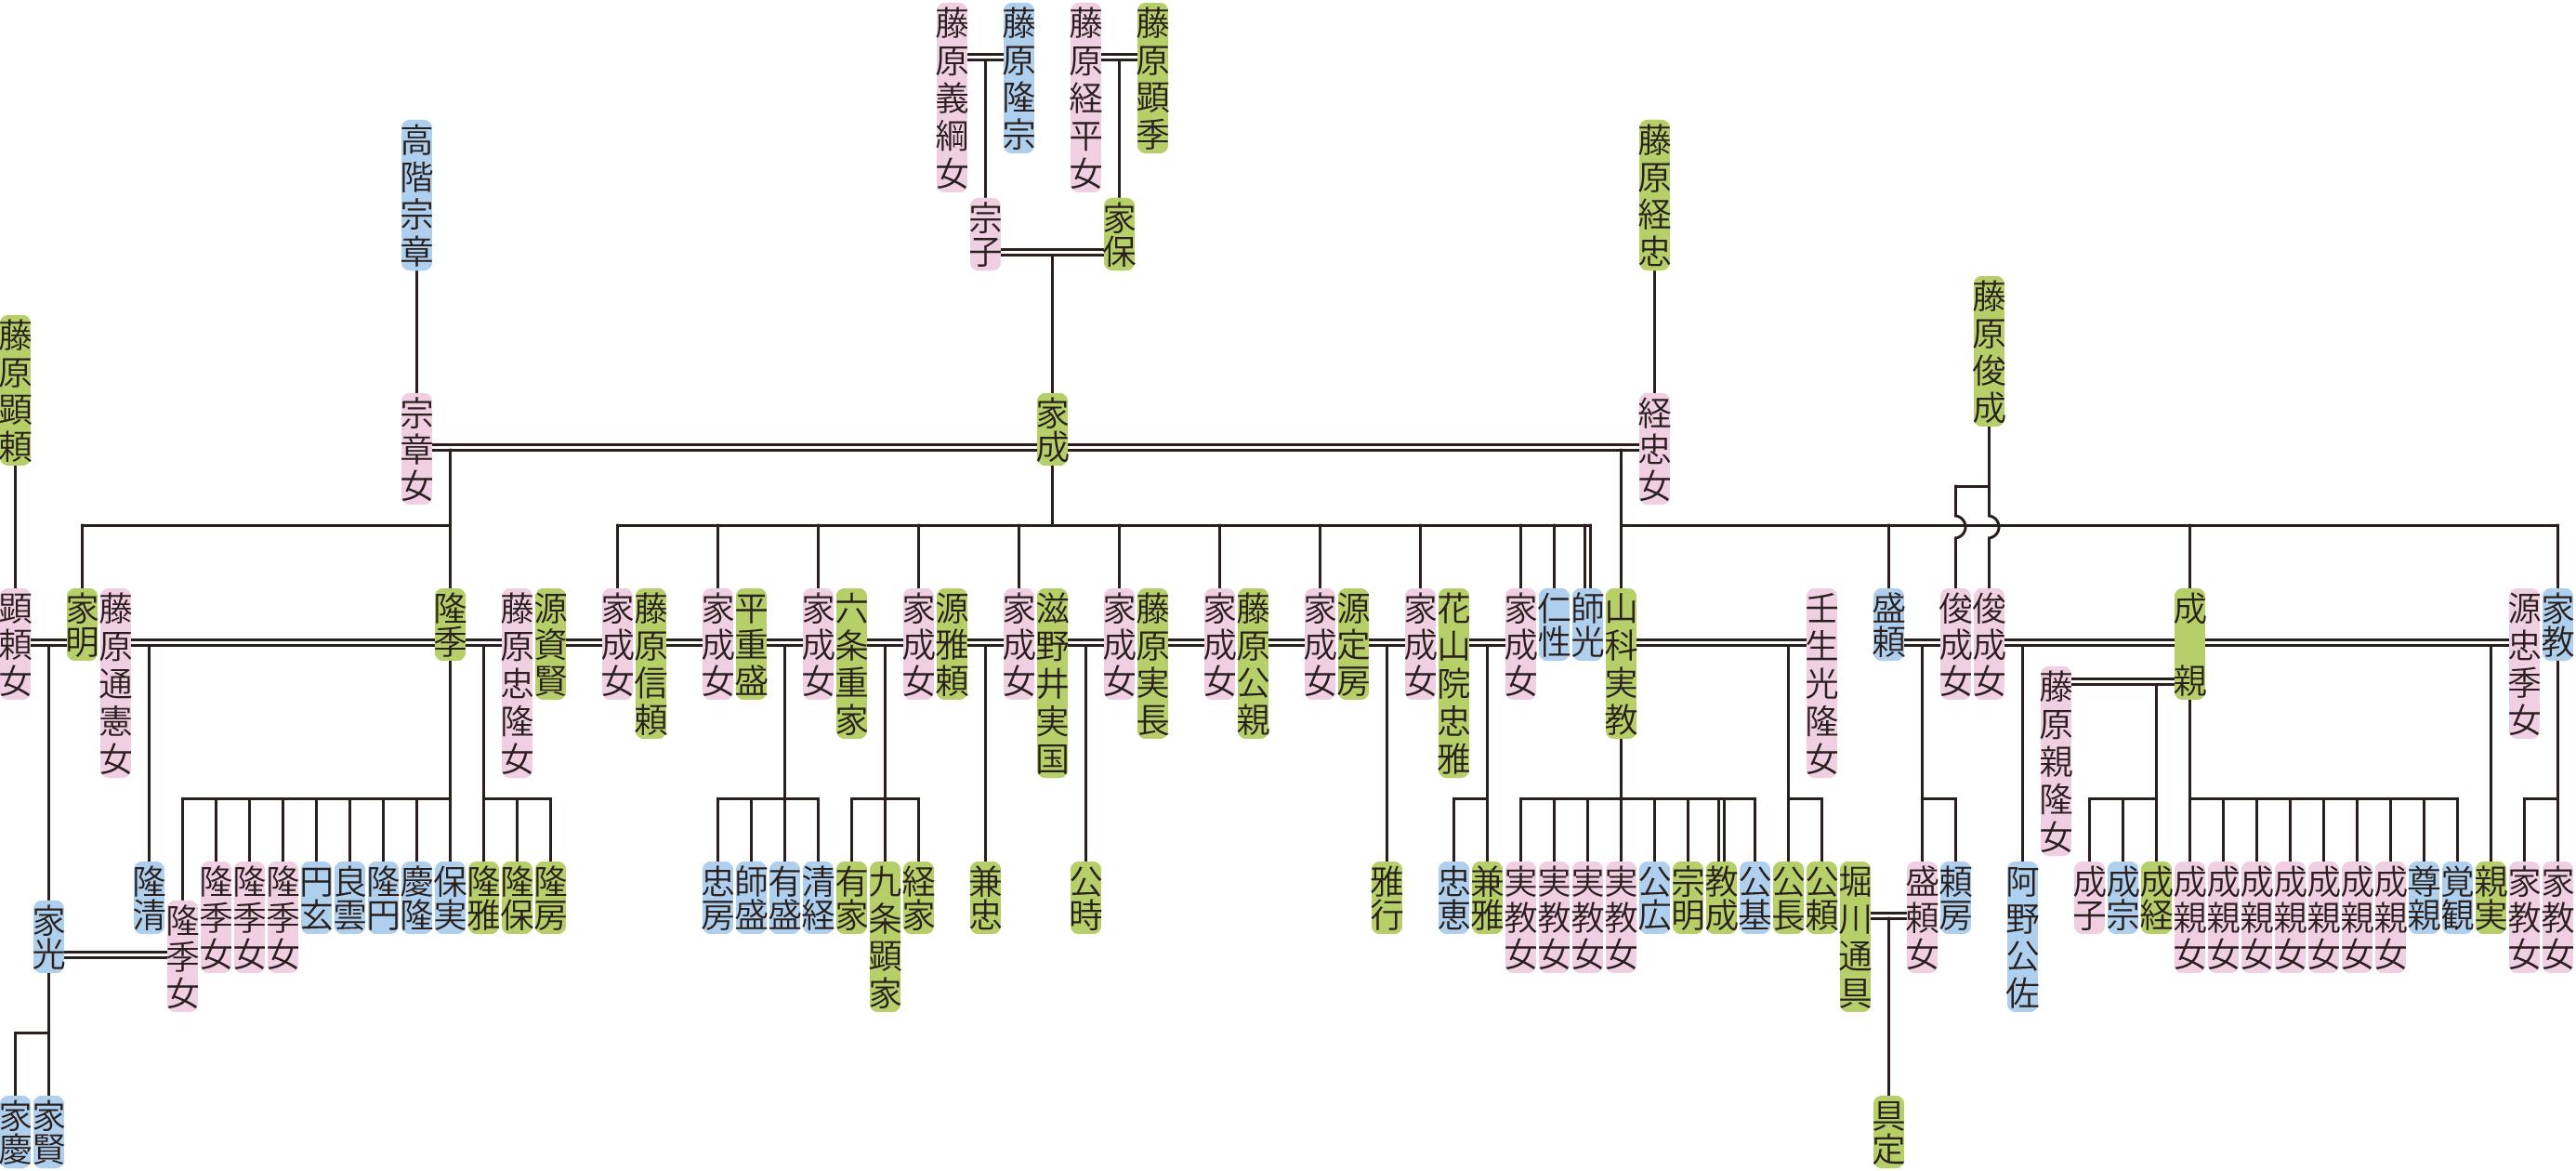 藤原家成の系図